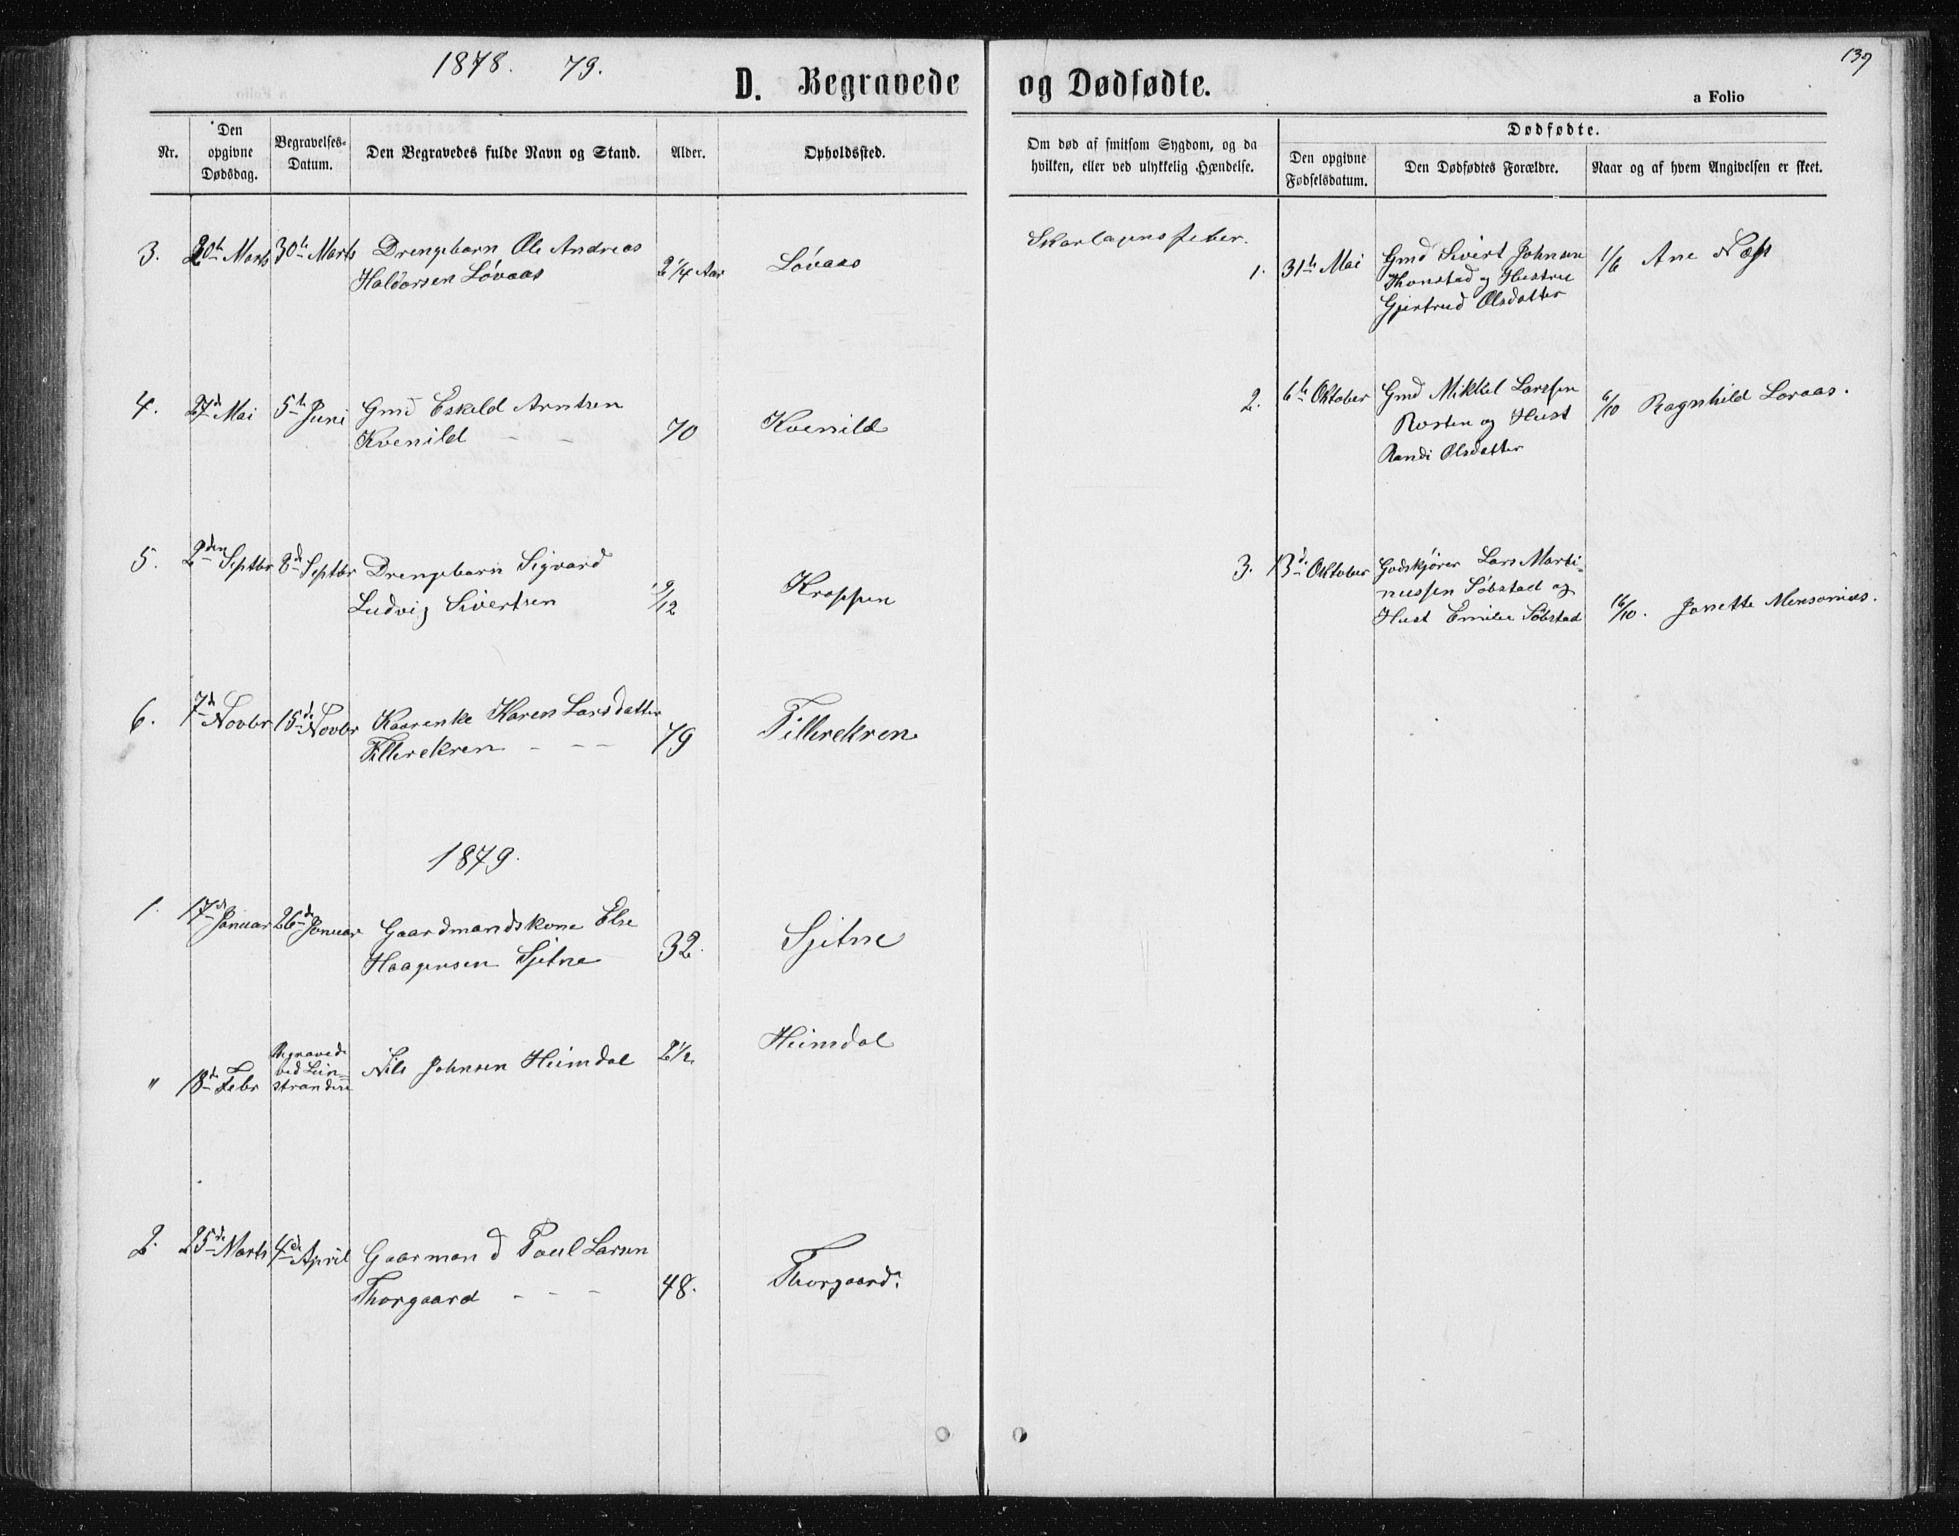 SAT, Ministerialprotokoller, klokkerbøker og fødselsregistre - Sør-Trøndelag, 621/L0459: Klokkerbok nr. 621C02, 1866-1895, s. 139